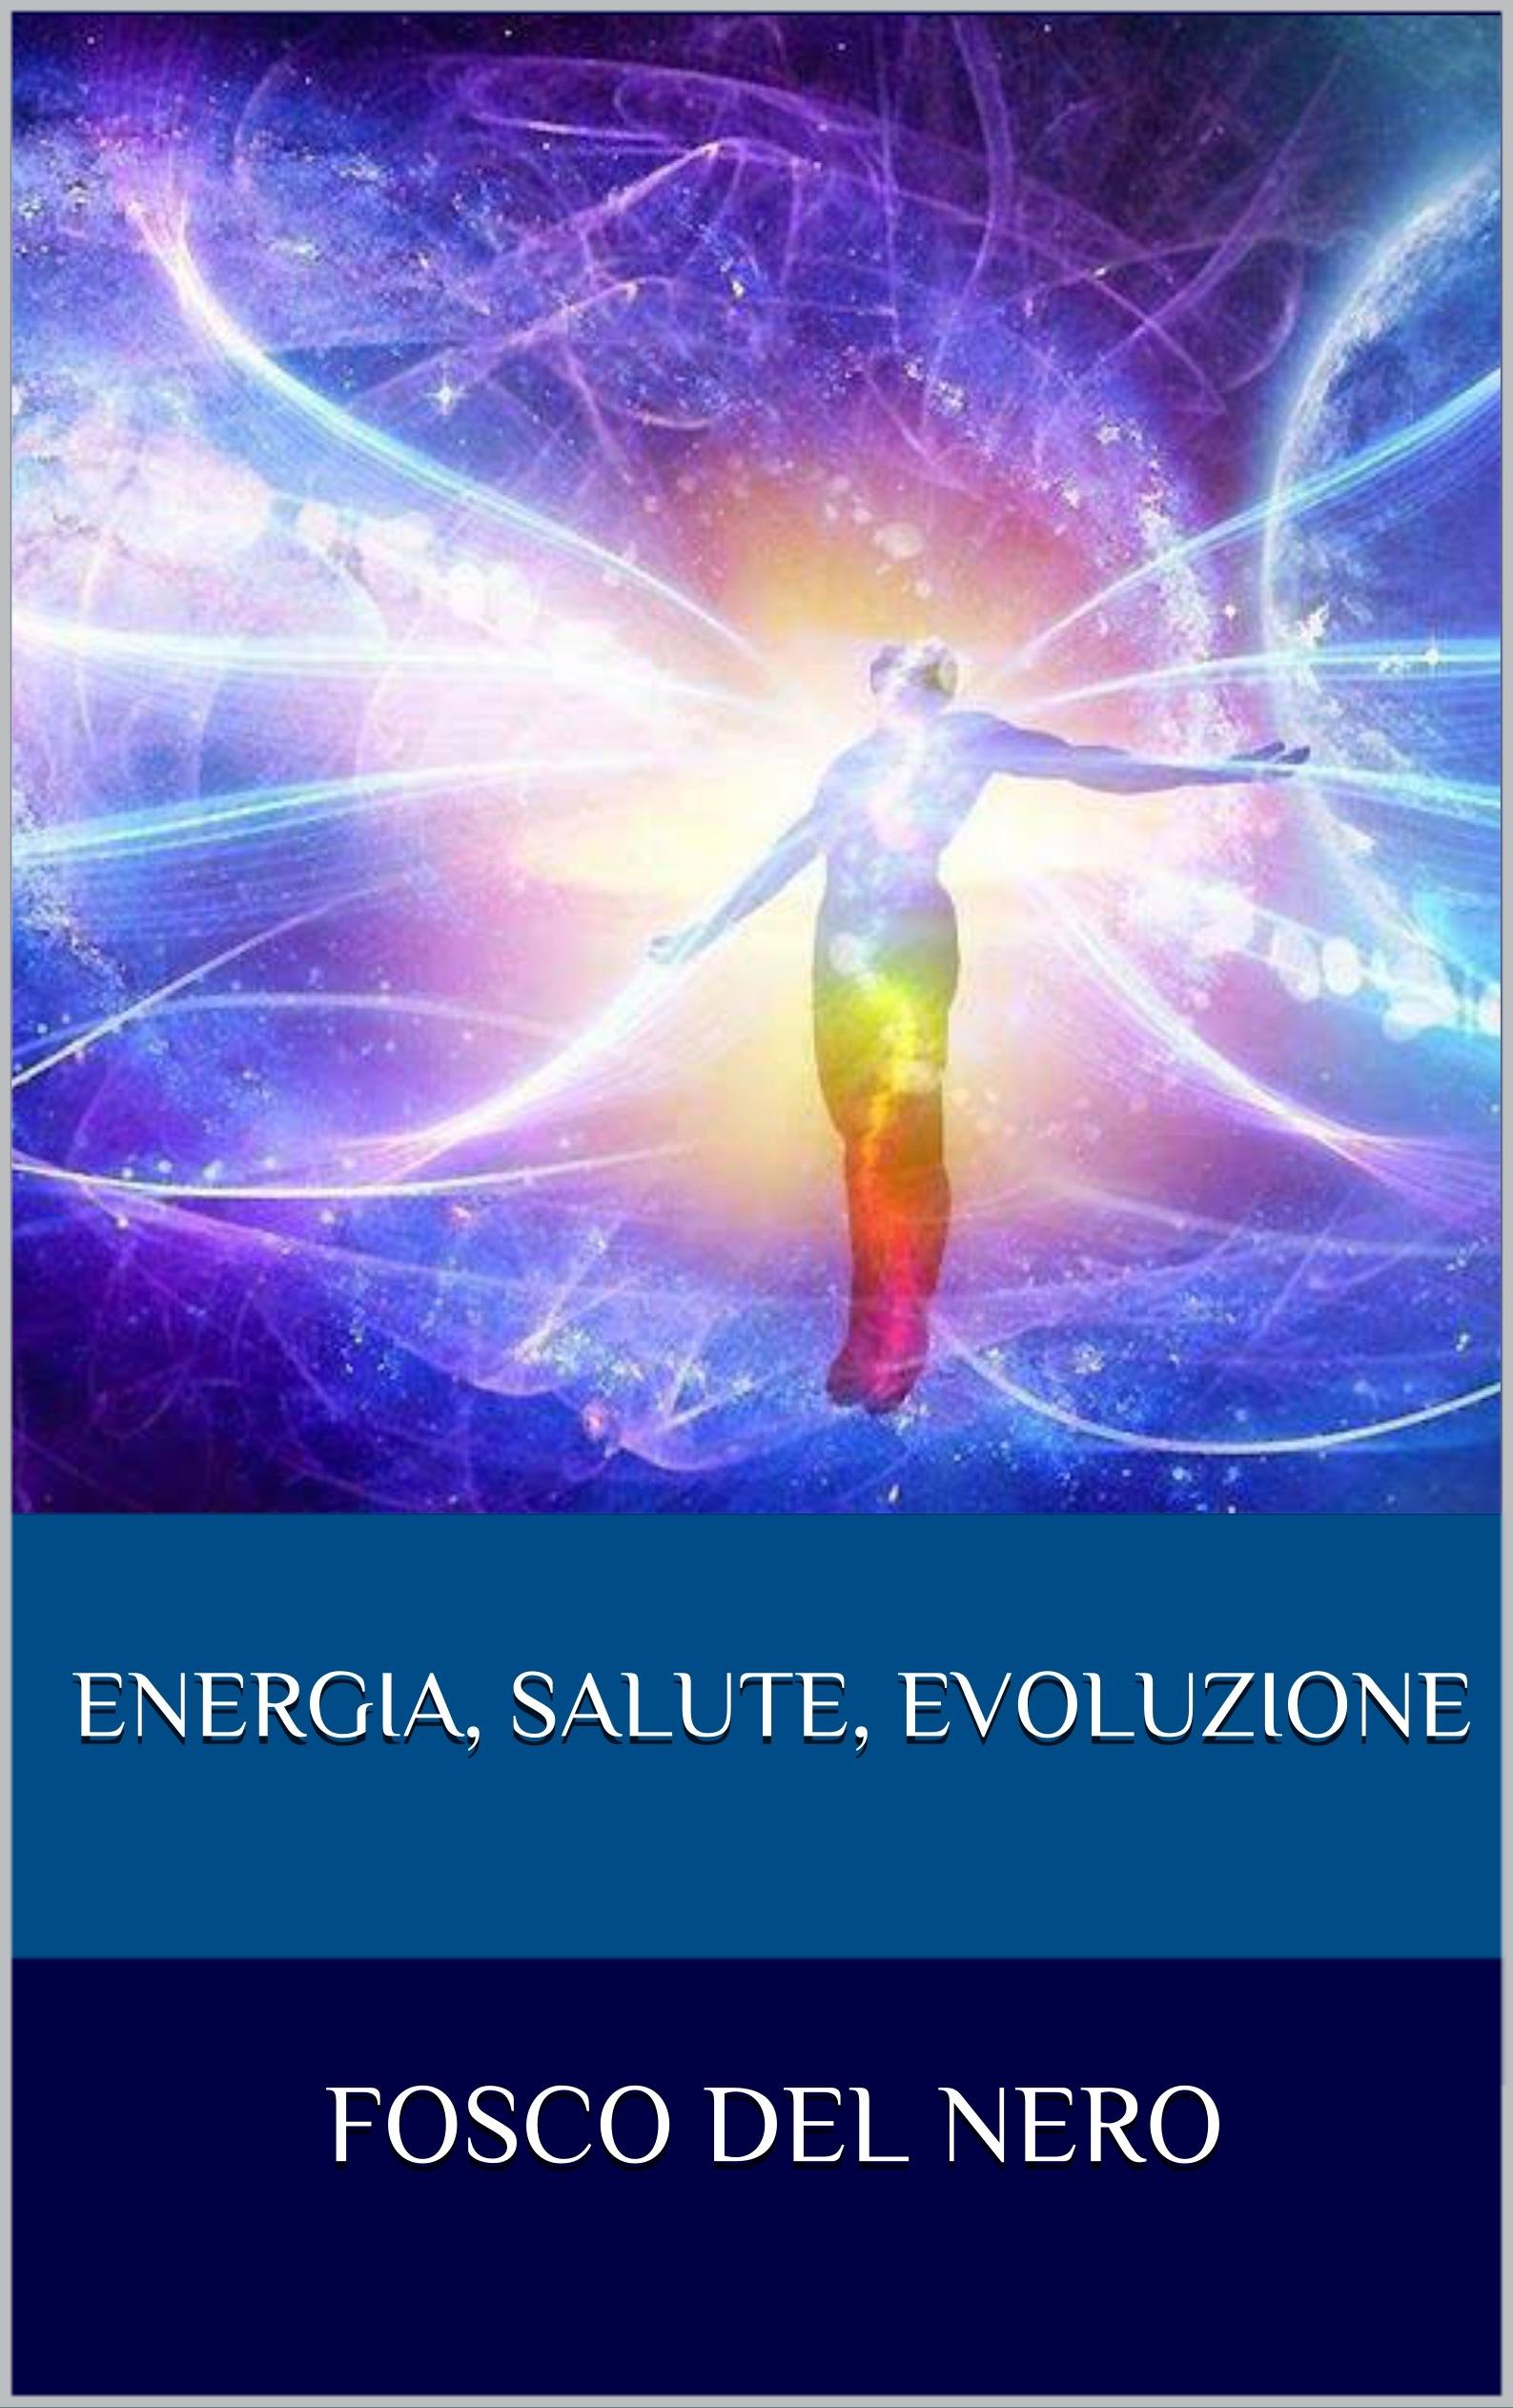 Energia, salute, evoluzione